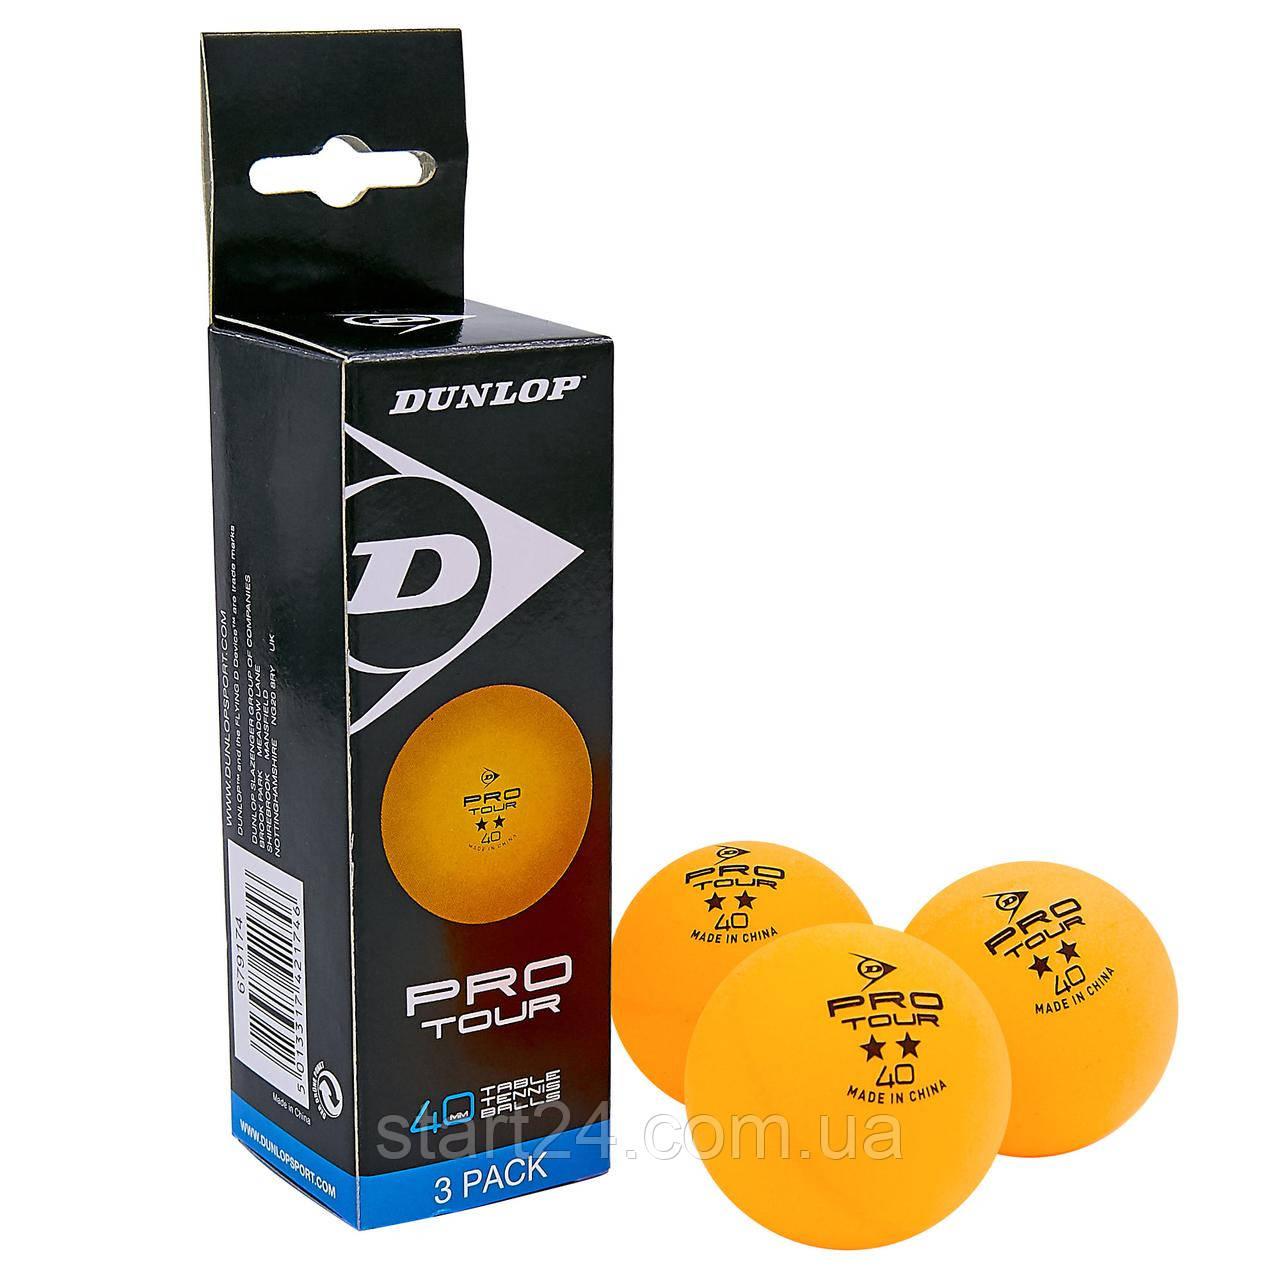 Набор мячей для настольного тенниса 3 штуки DUNLOP MT-679174 2star PRO TOUR (пластик, d-40мм, оранжевый)